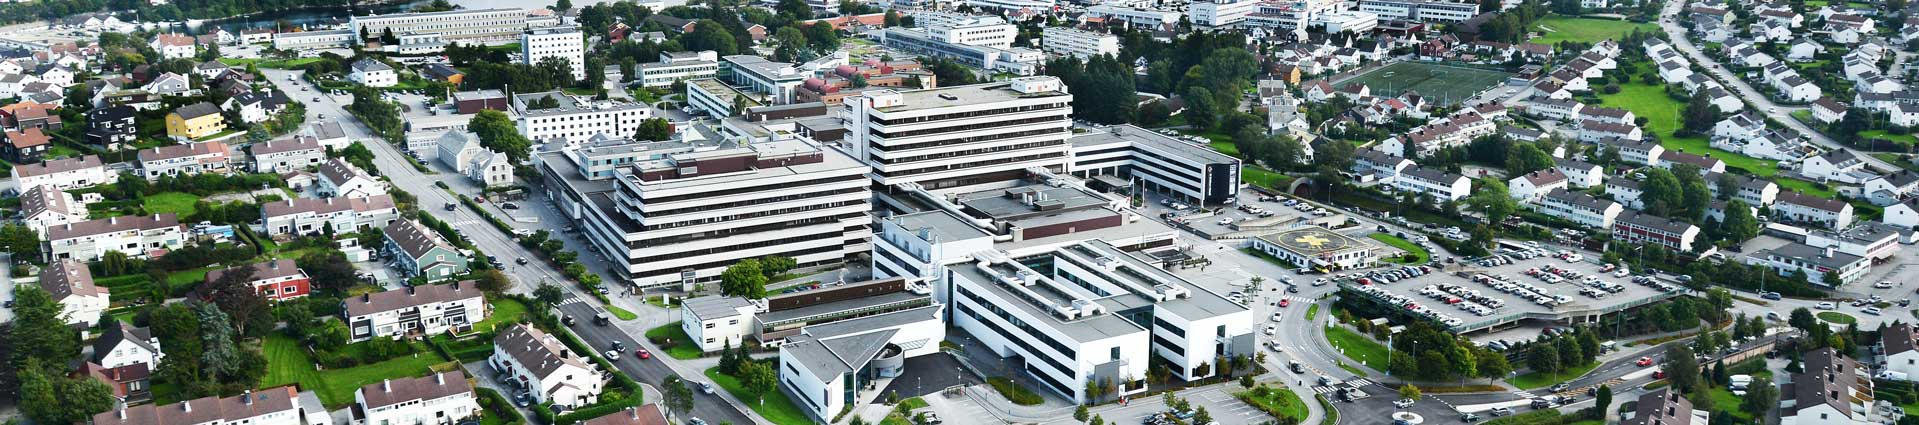 stavanger sykehus kart